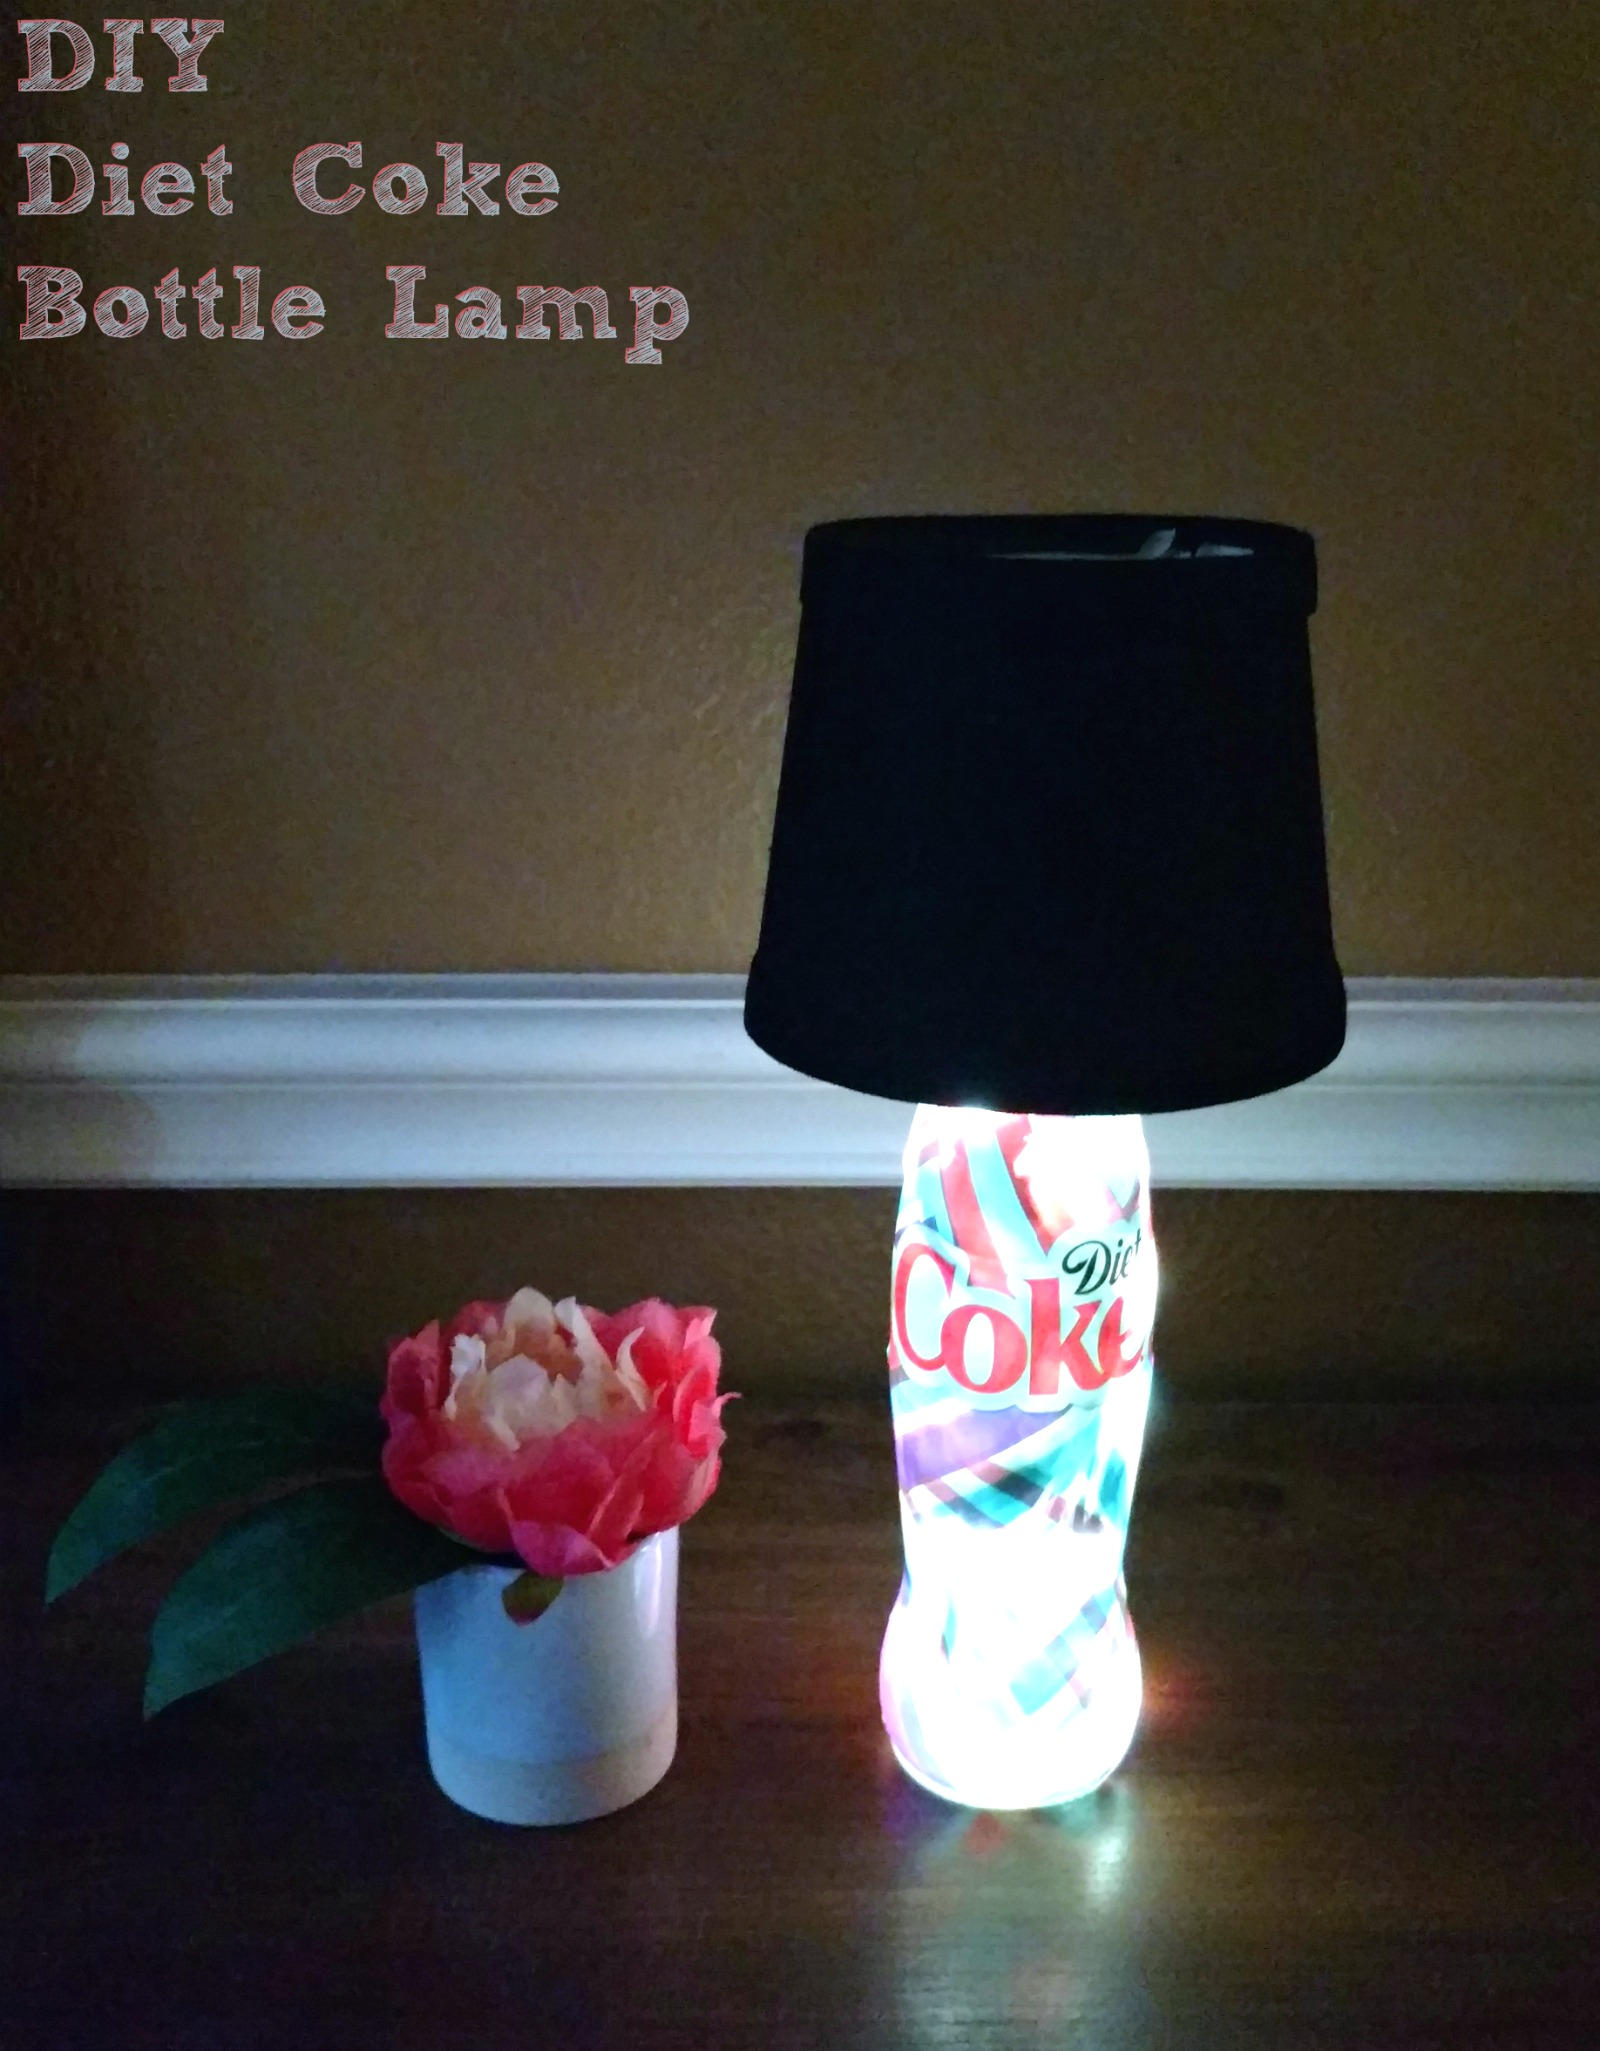 Diet Coke Bottle Lamp